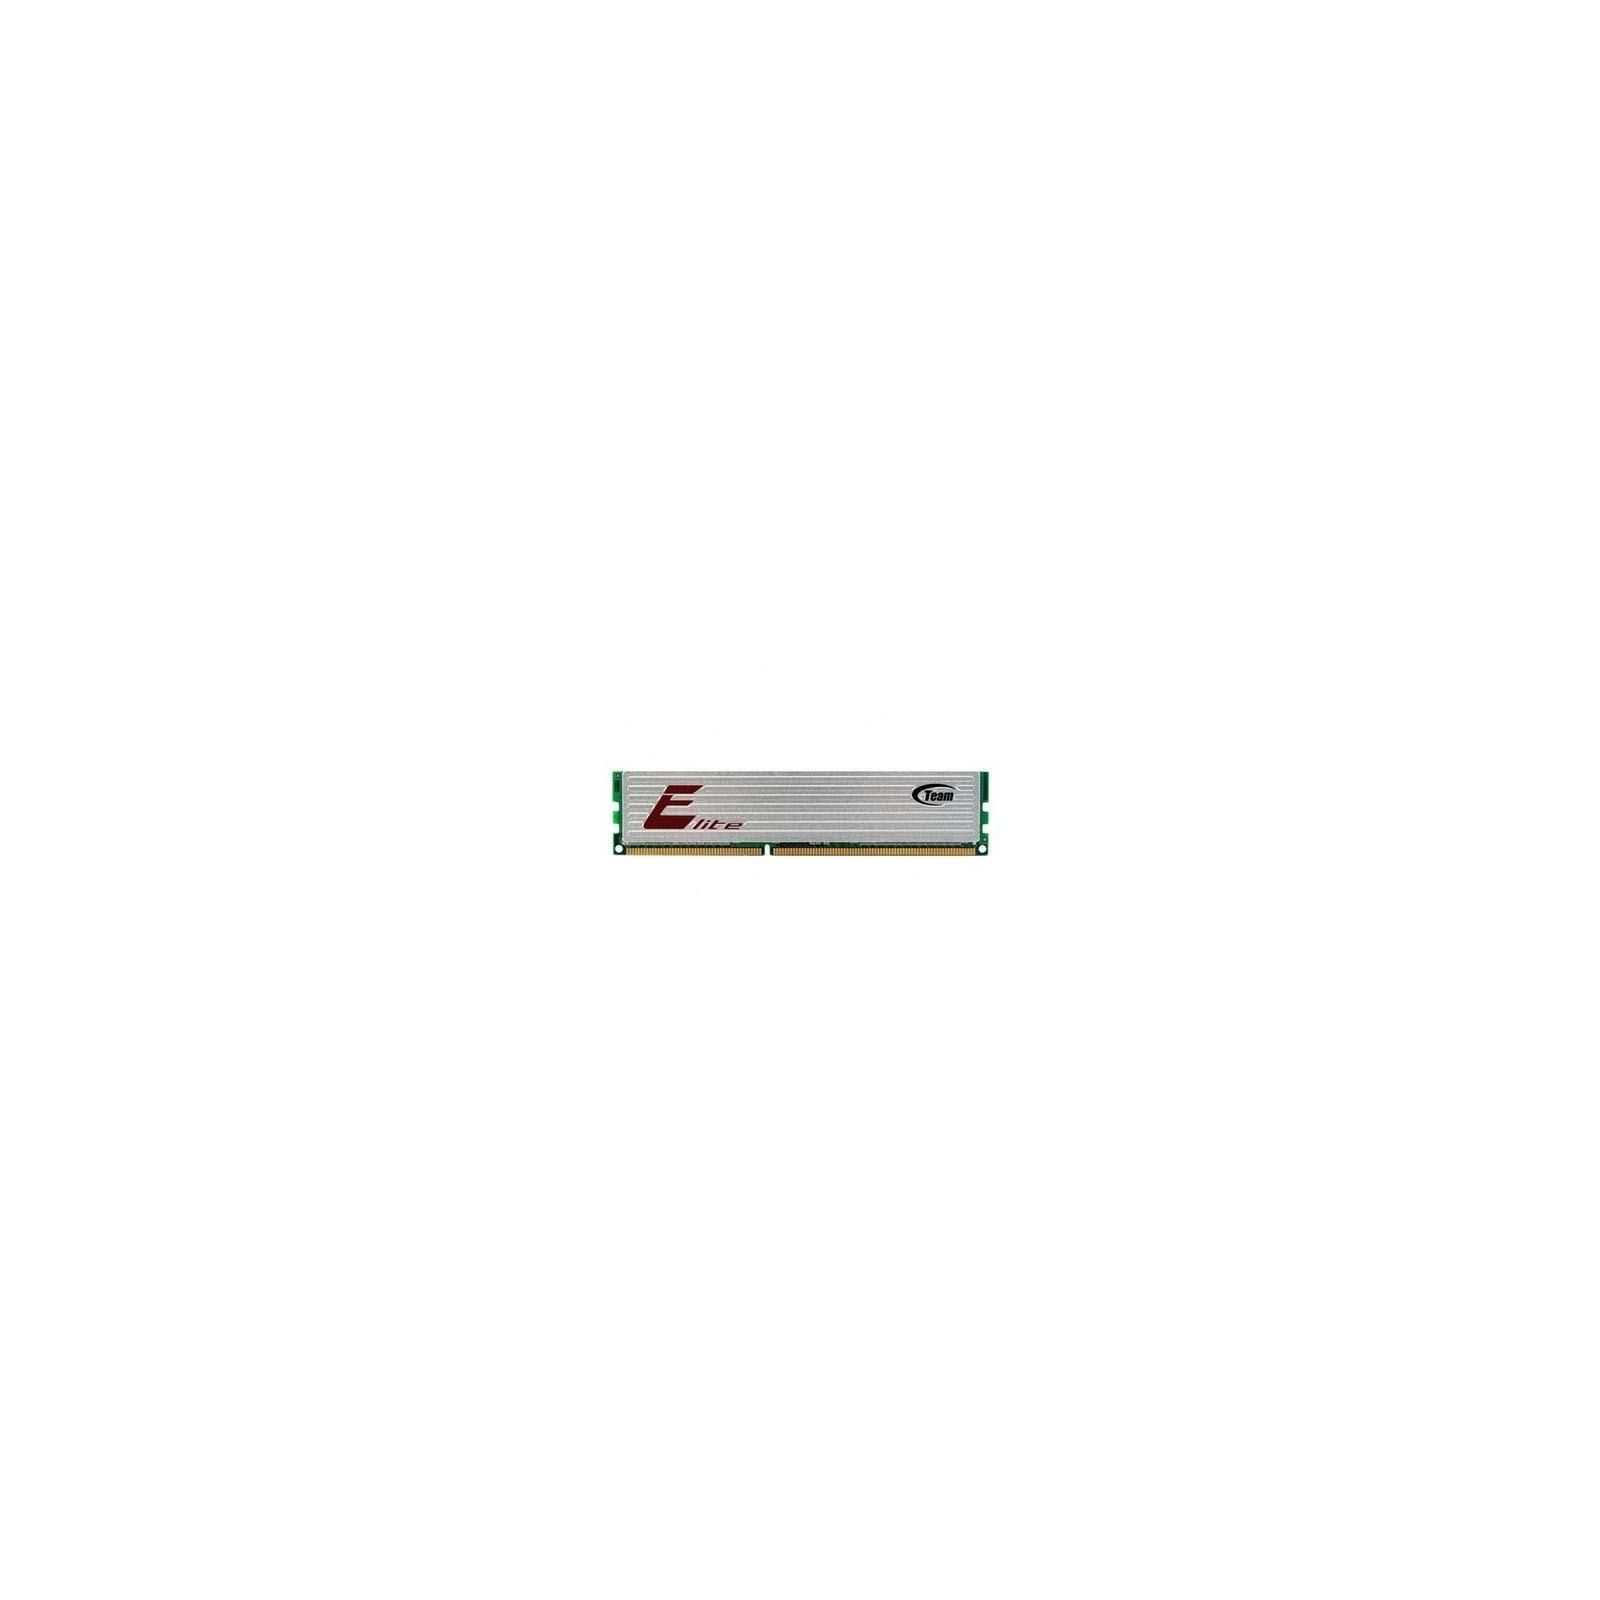 Модуль памяти для компьютера DDR3 8GB 1600 MHz Team (TED38GM1600HC1101 / TED38G1600HC1101)